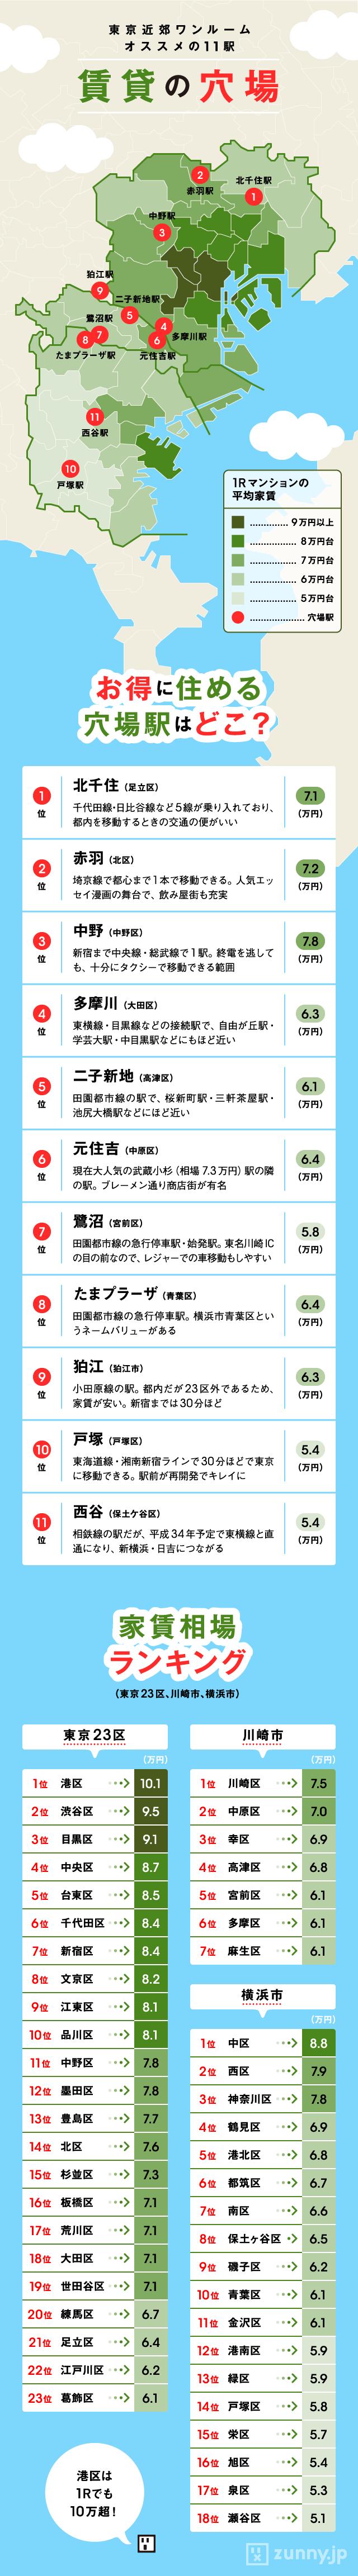 プロがコスパで厳選! 東京近郊1R「穴場駅」11選   ZUNNY インフォグラフィック・ニュース